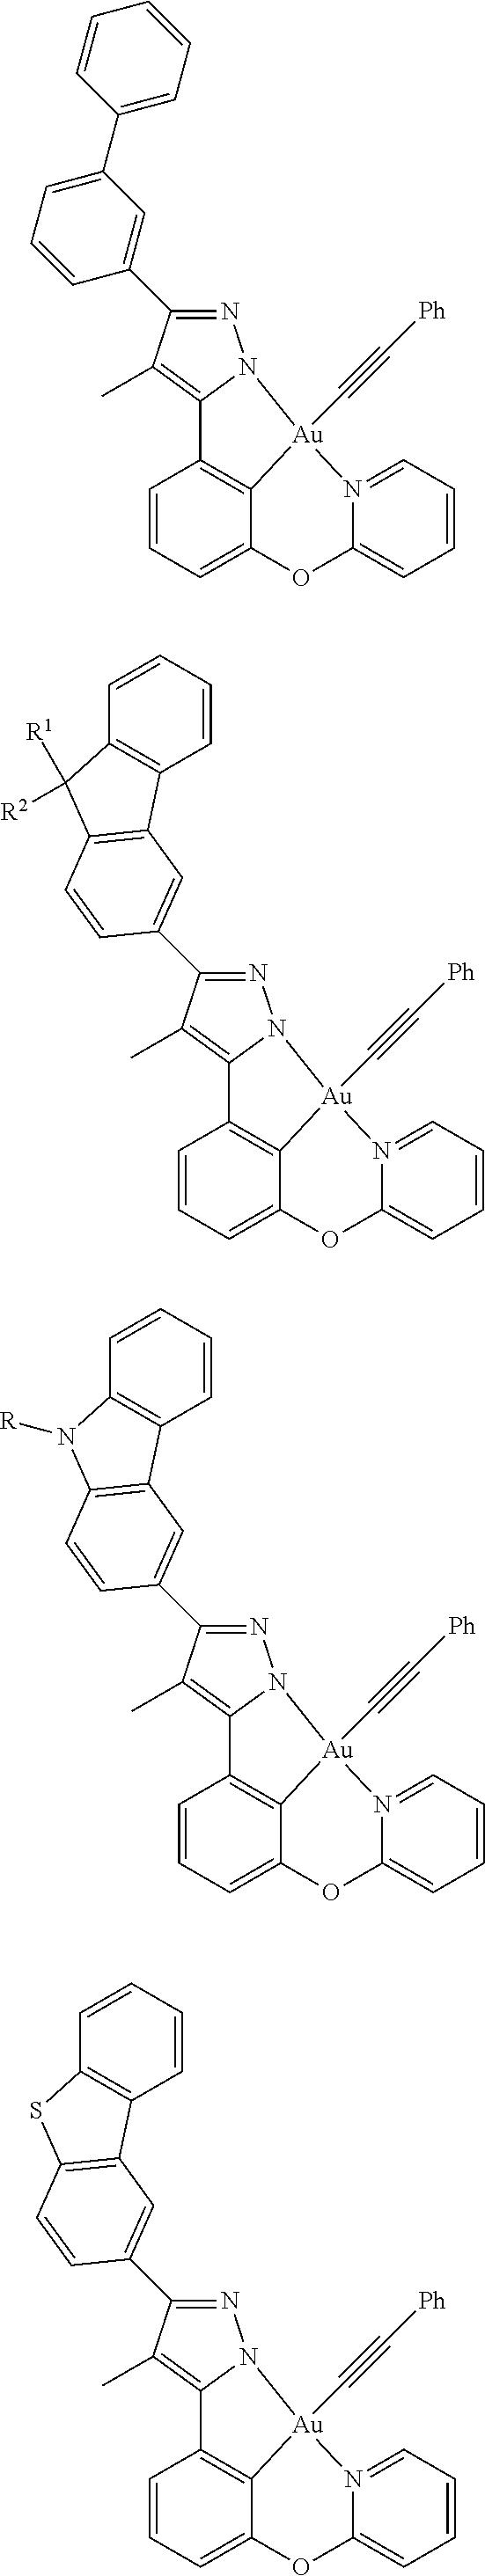 Figure US09818959-20171114-C00224